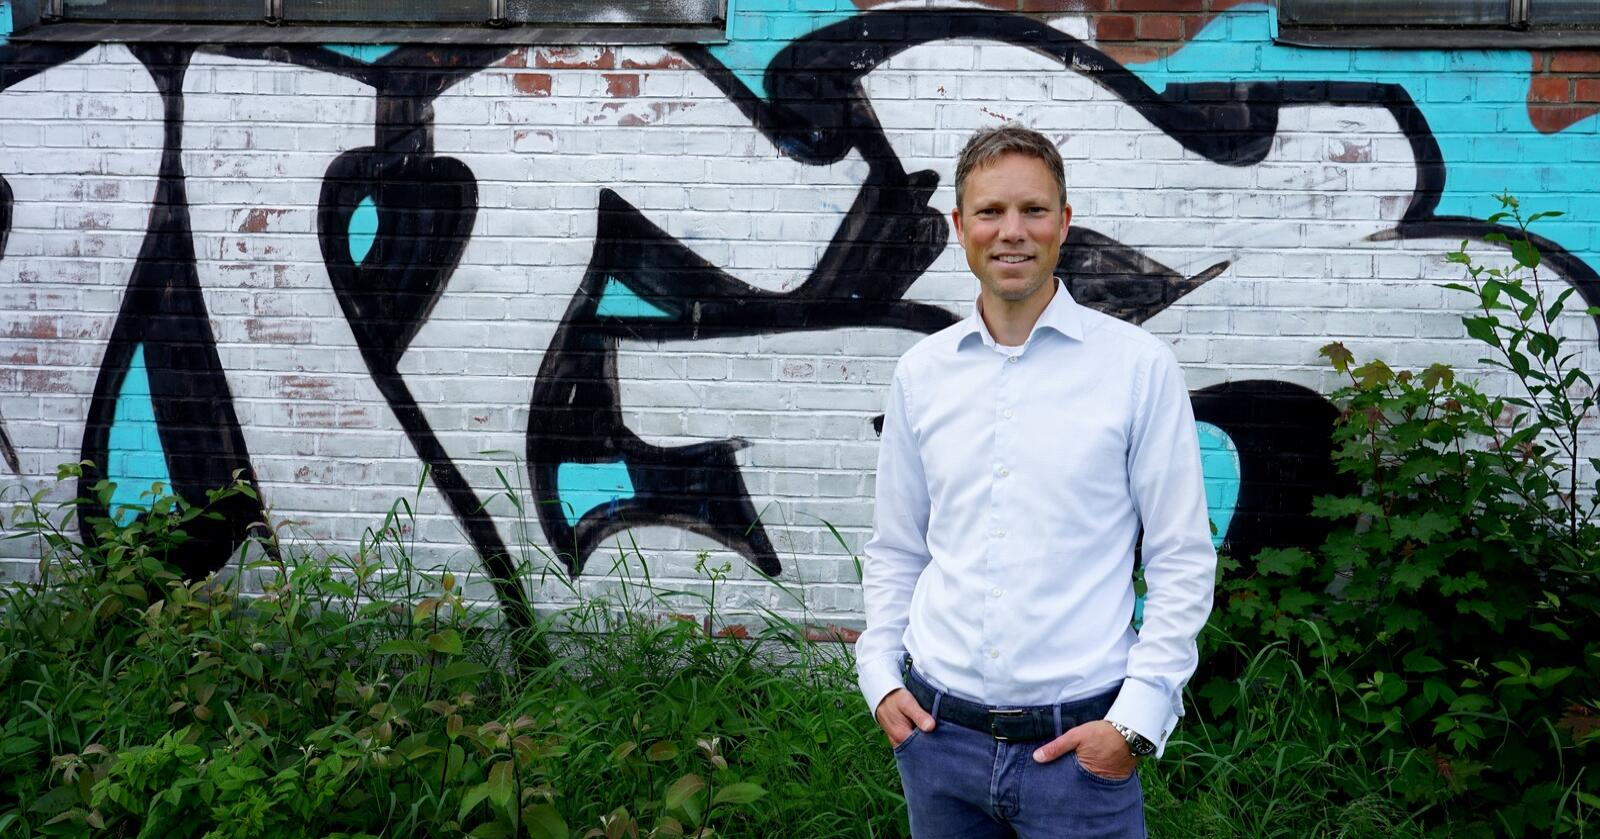 Eirik Sunde skal bygge næringsbygg og leiligheter i Tønsberg, på en gammel industritomt. Foto: Lars Bilit Hagen